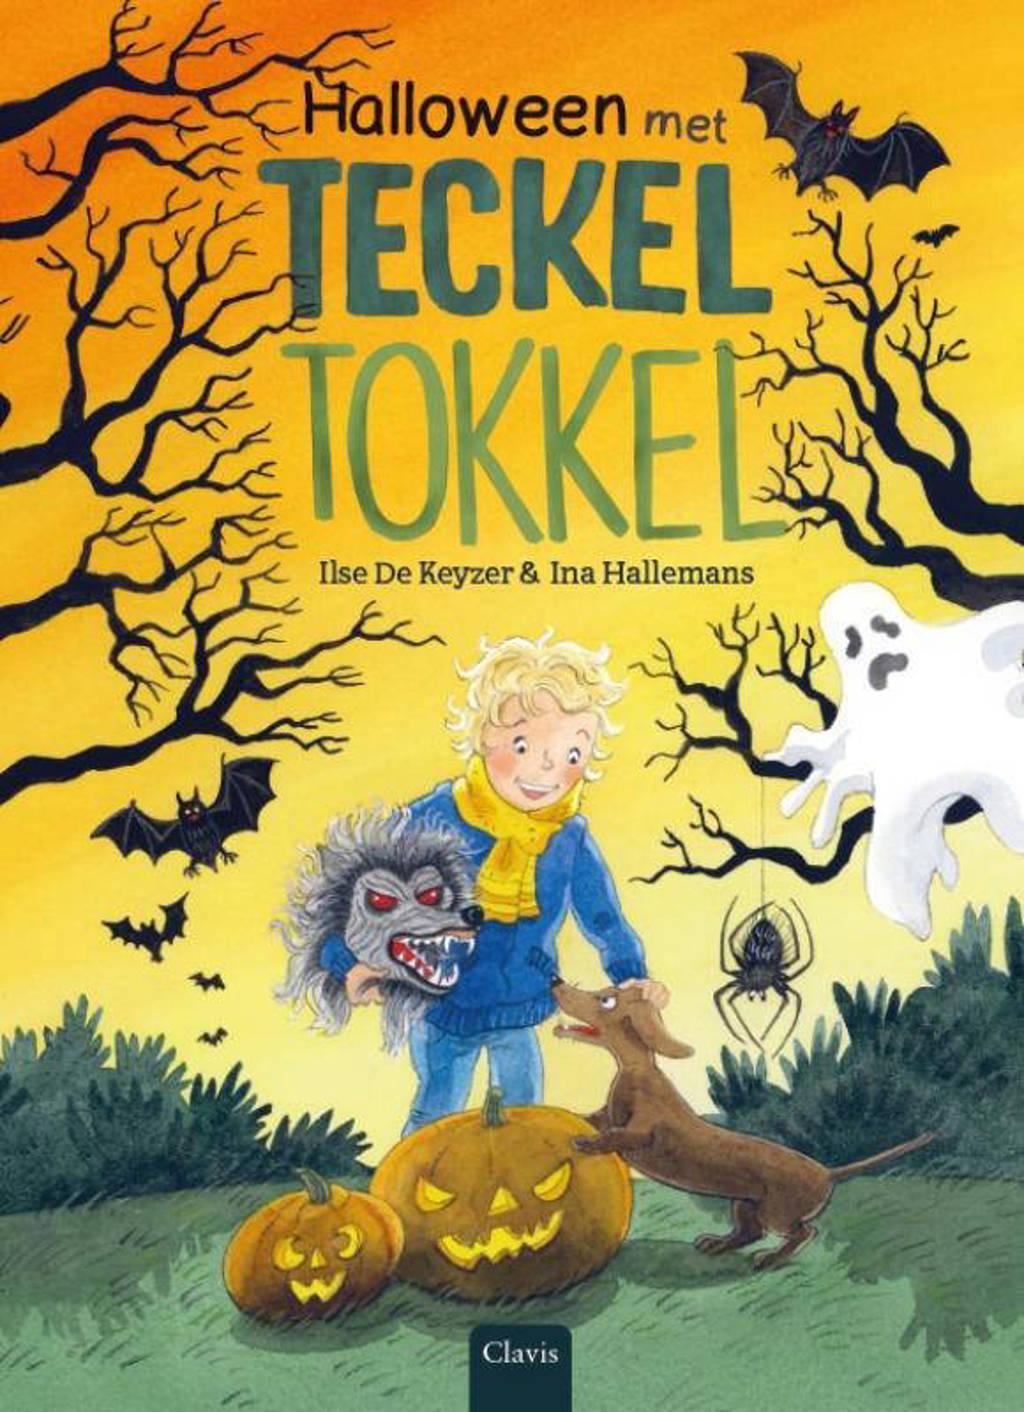 Halloween met teckel Tokkel - Ilse De Keyzer